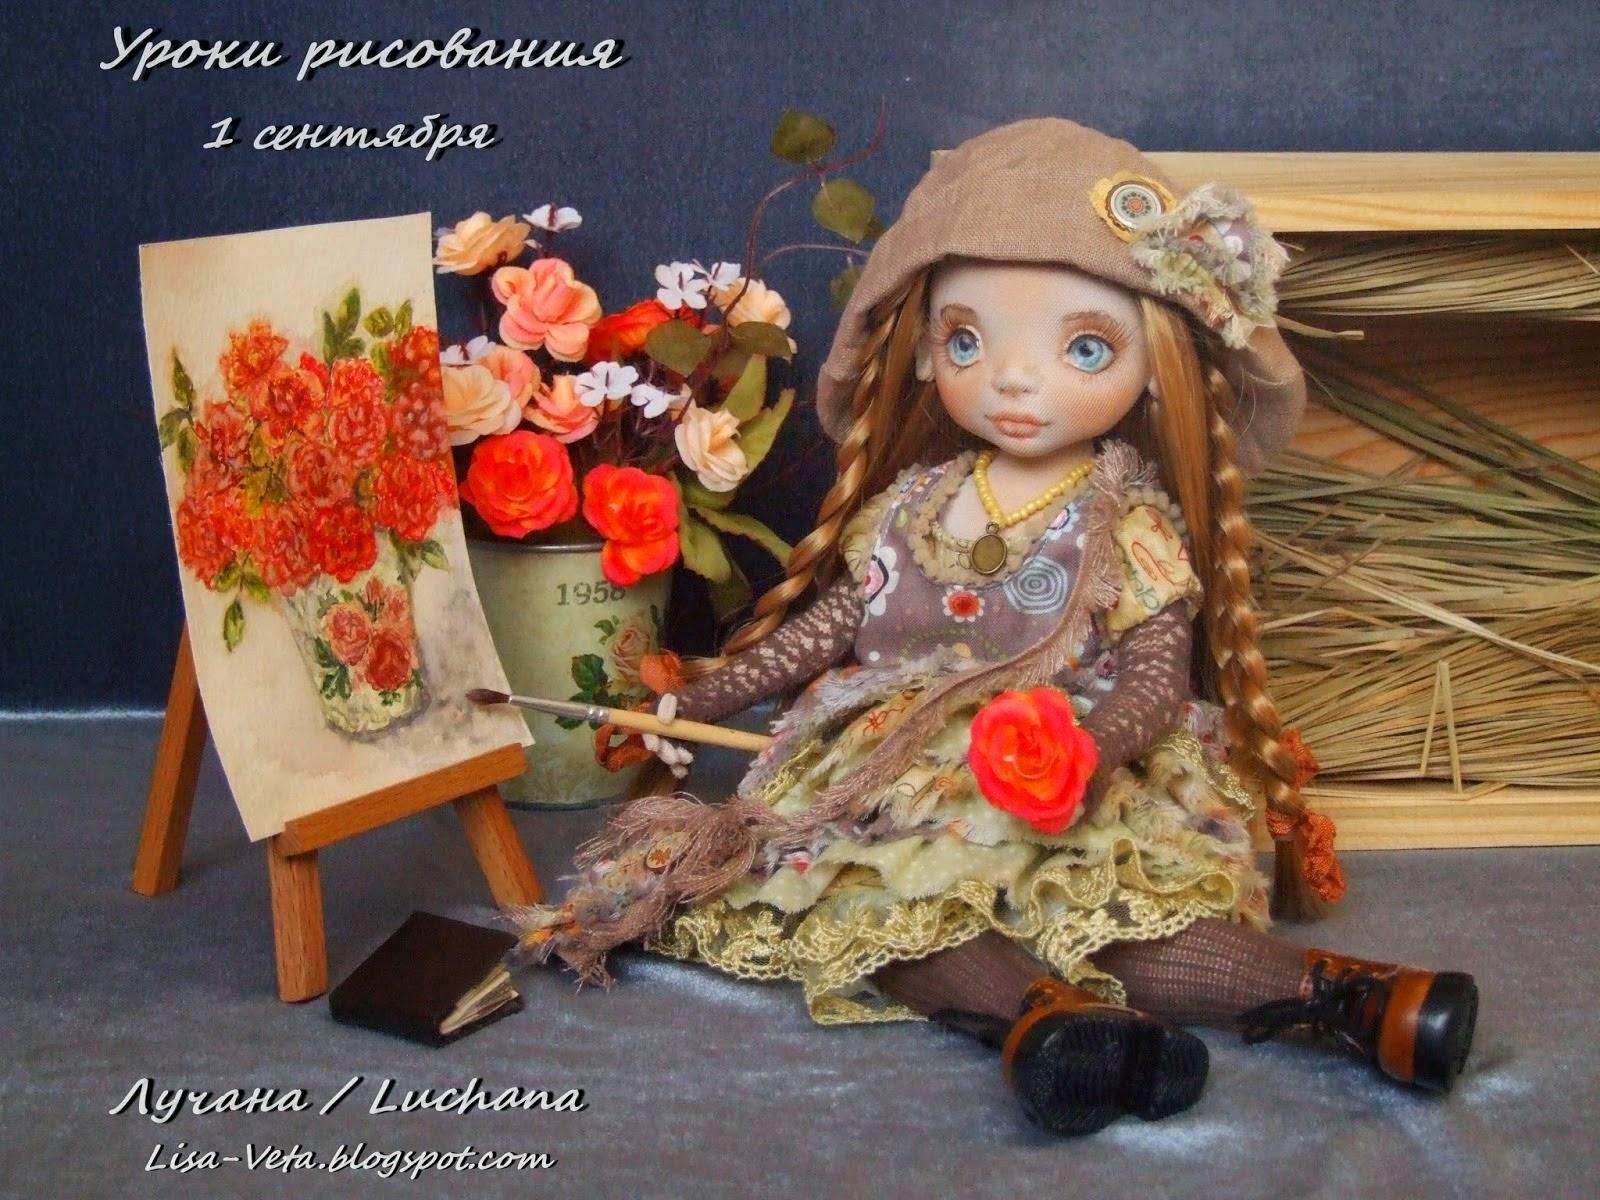 Кофетка от Юли Чечёткиной